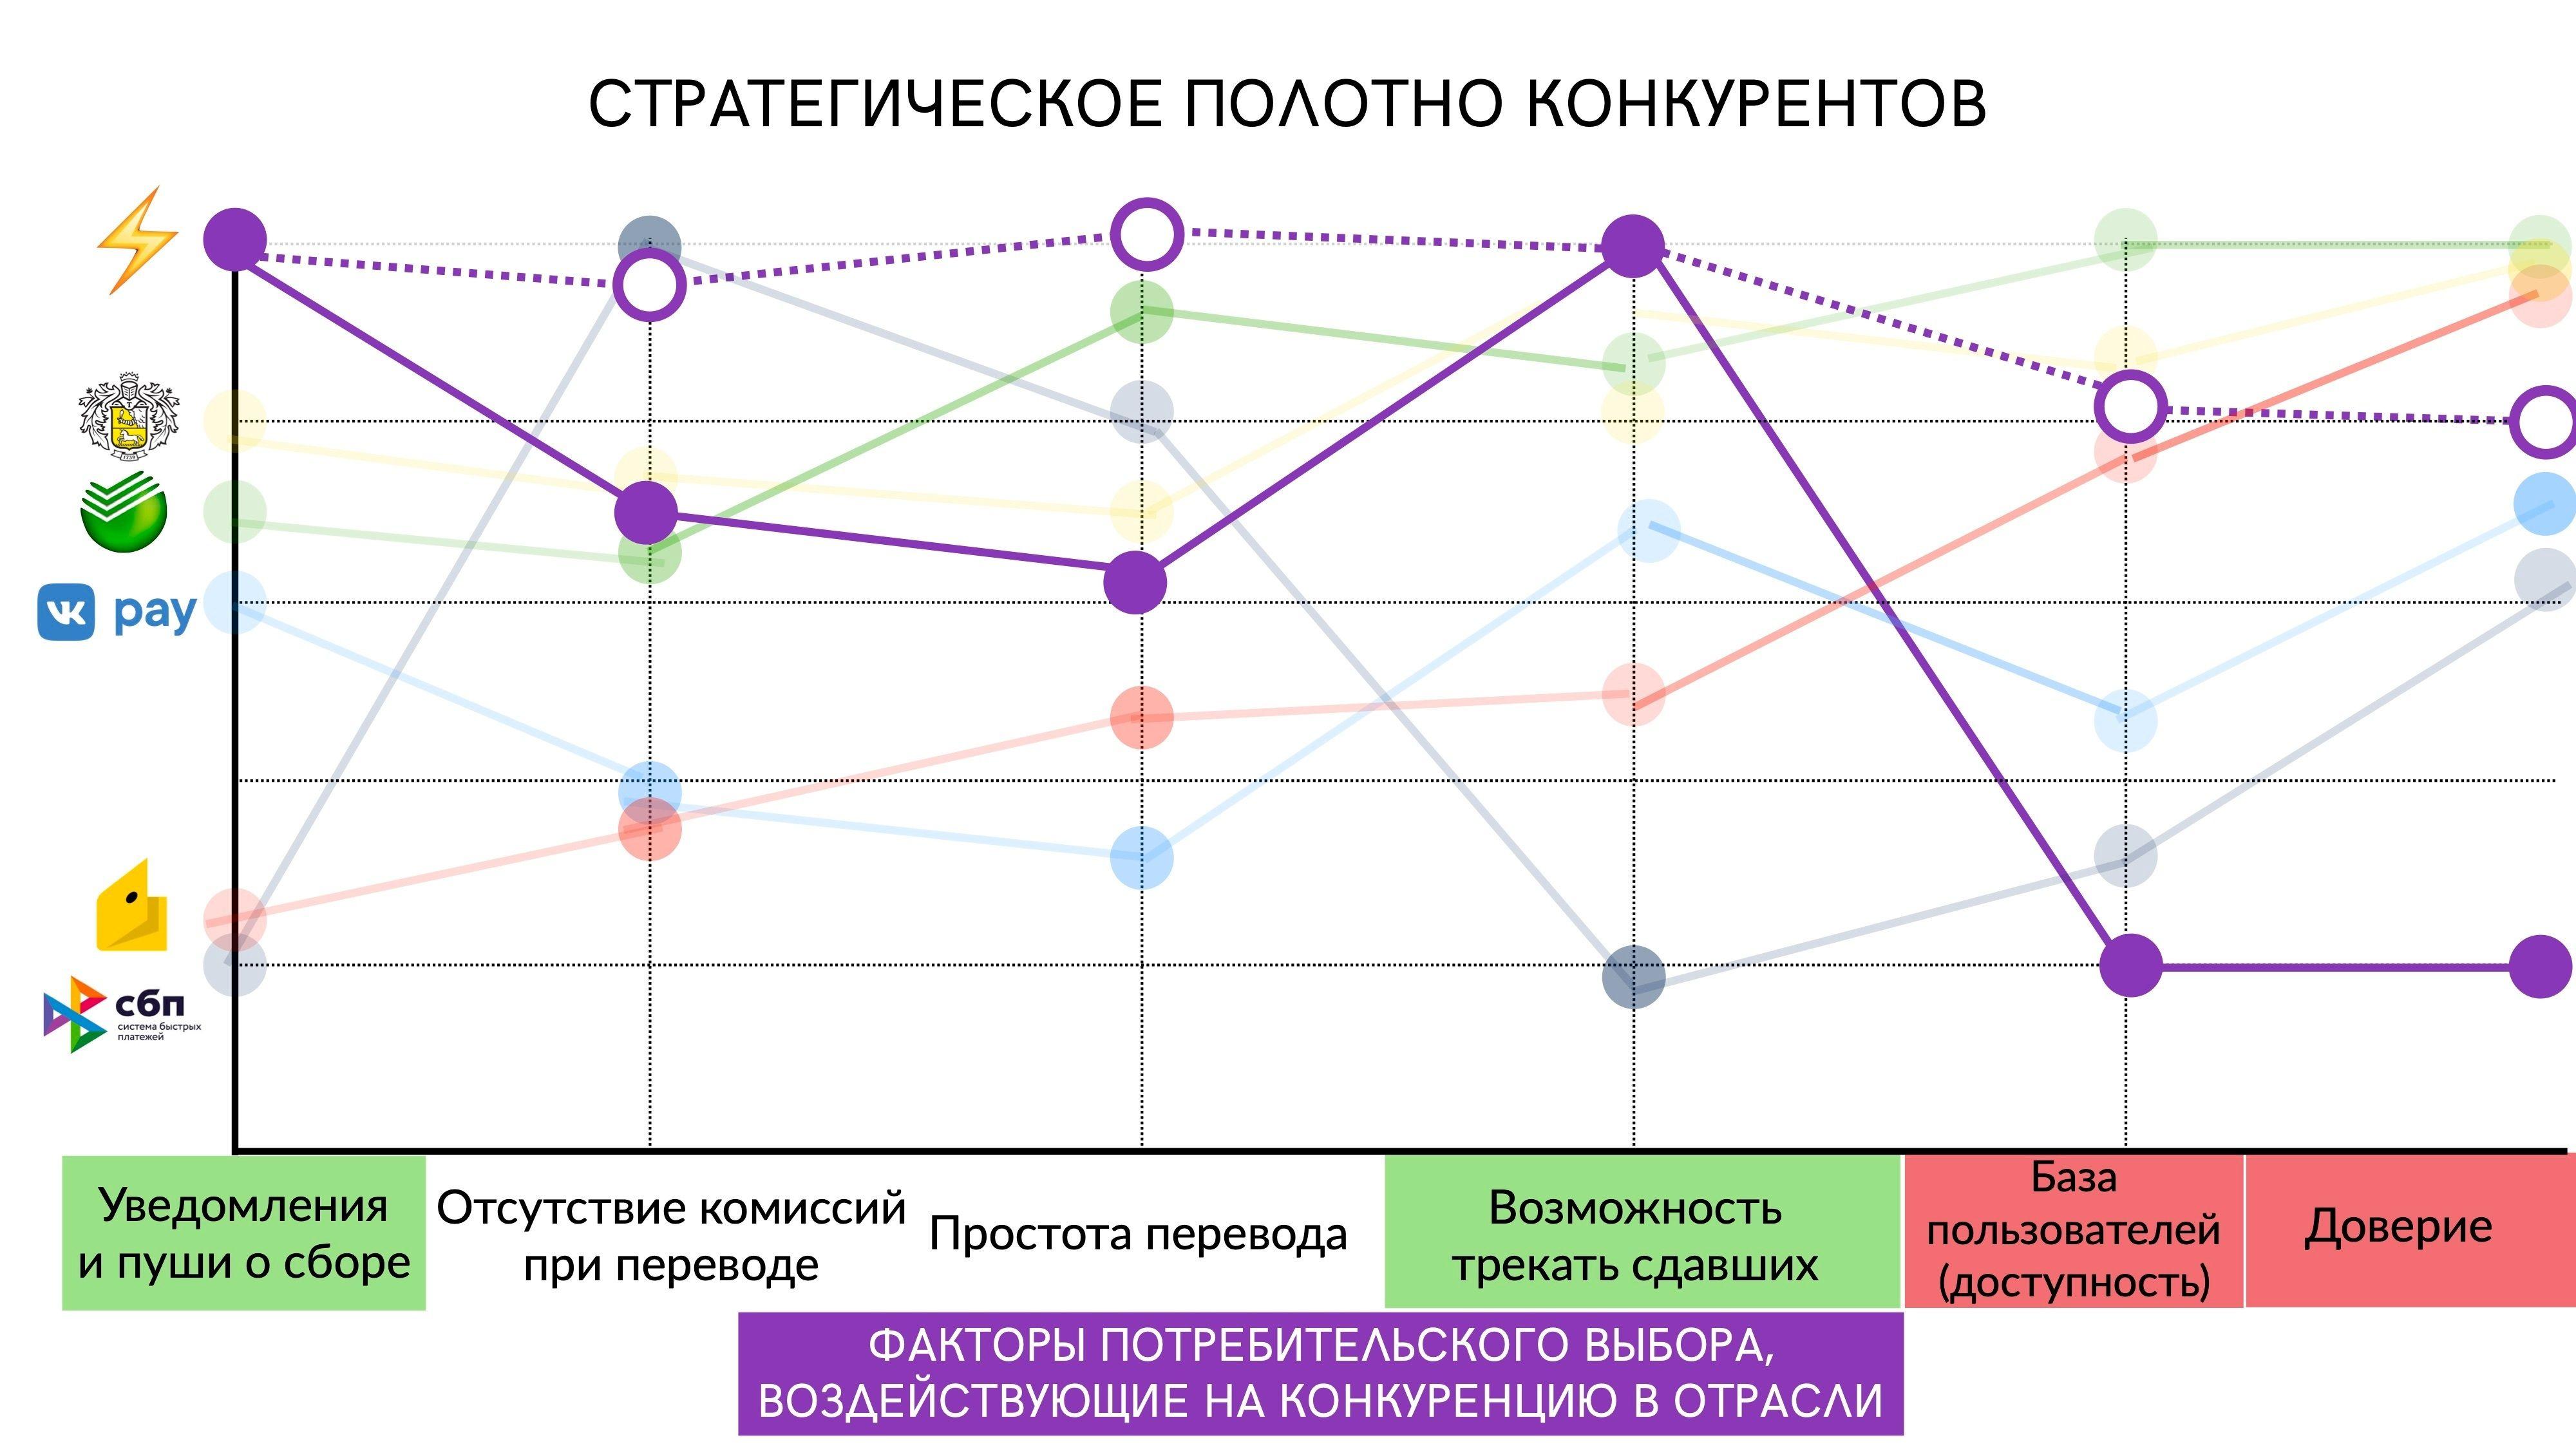 vc.ru / На данном этапе мы уже умеем напоминать о сдаче и отслеживать ее лучше конкурентов. Однако мы понимаем, что нужно работать в сторону роста базы пользователей и доверия к сервису.